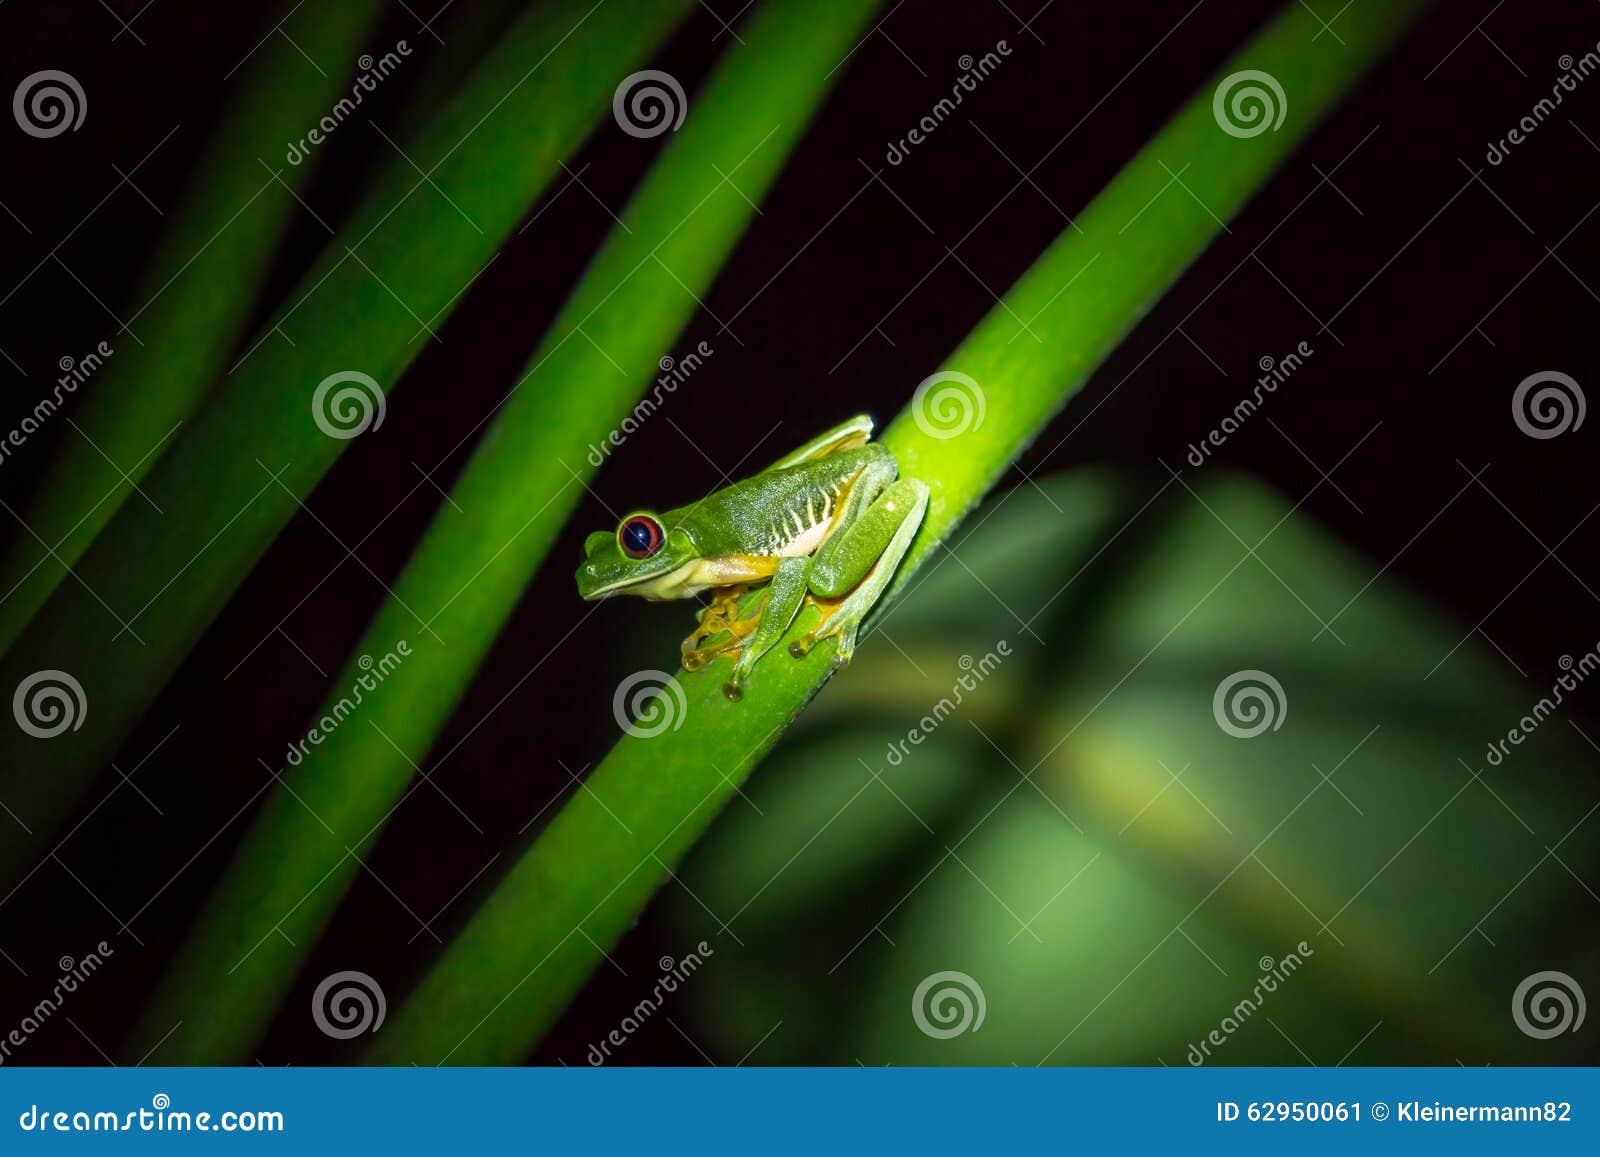 Rana arbórea de ojos enrojecidos (callidryas de Agalychnis) en una rama verde